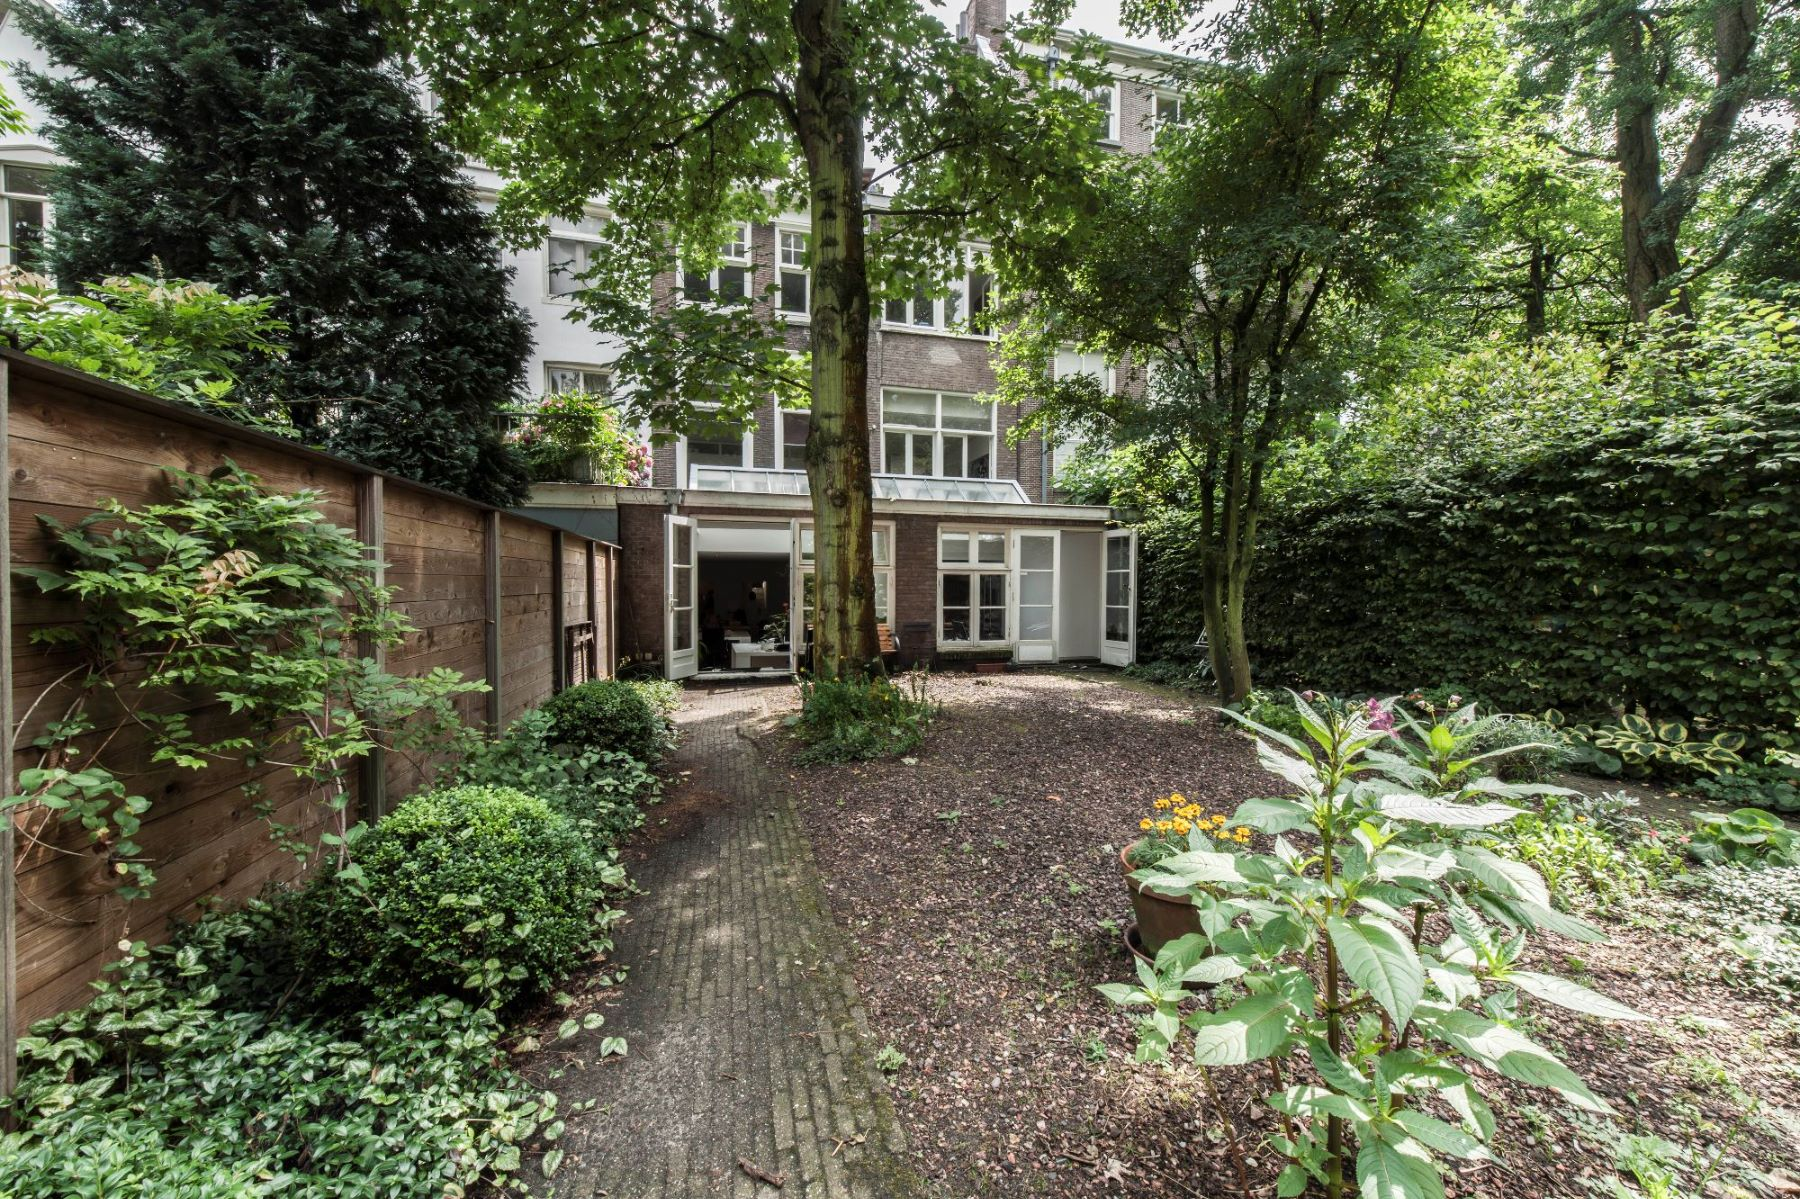 Buitenzijde kantoorgebouw Amsterdam Herengracht achtertuin